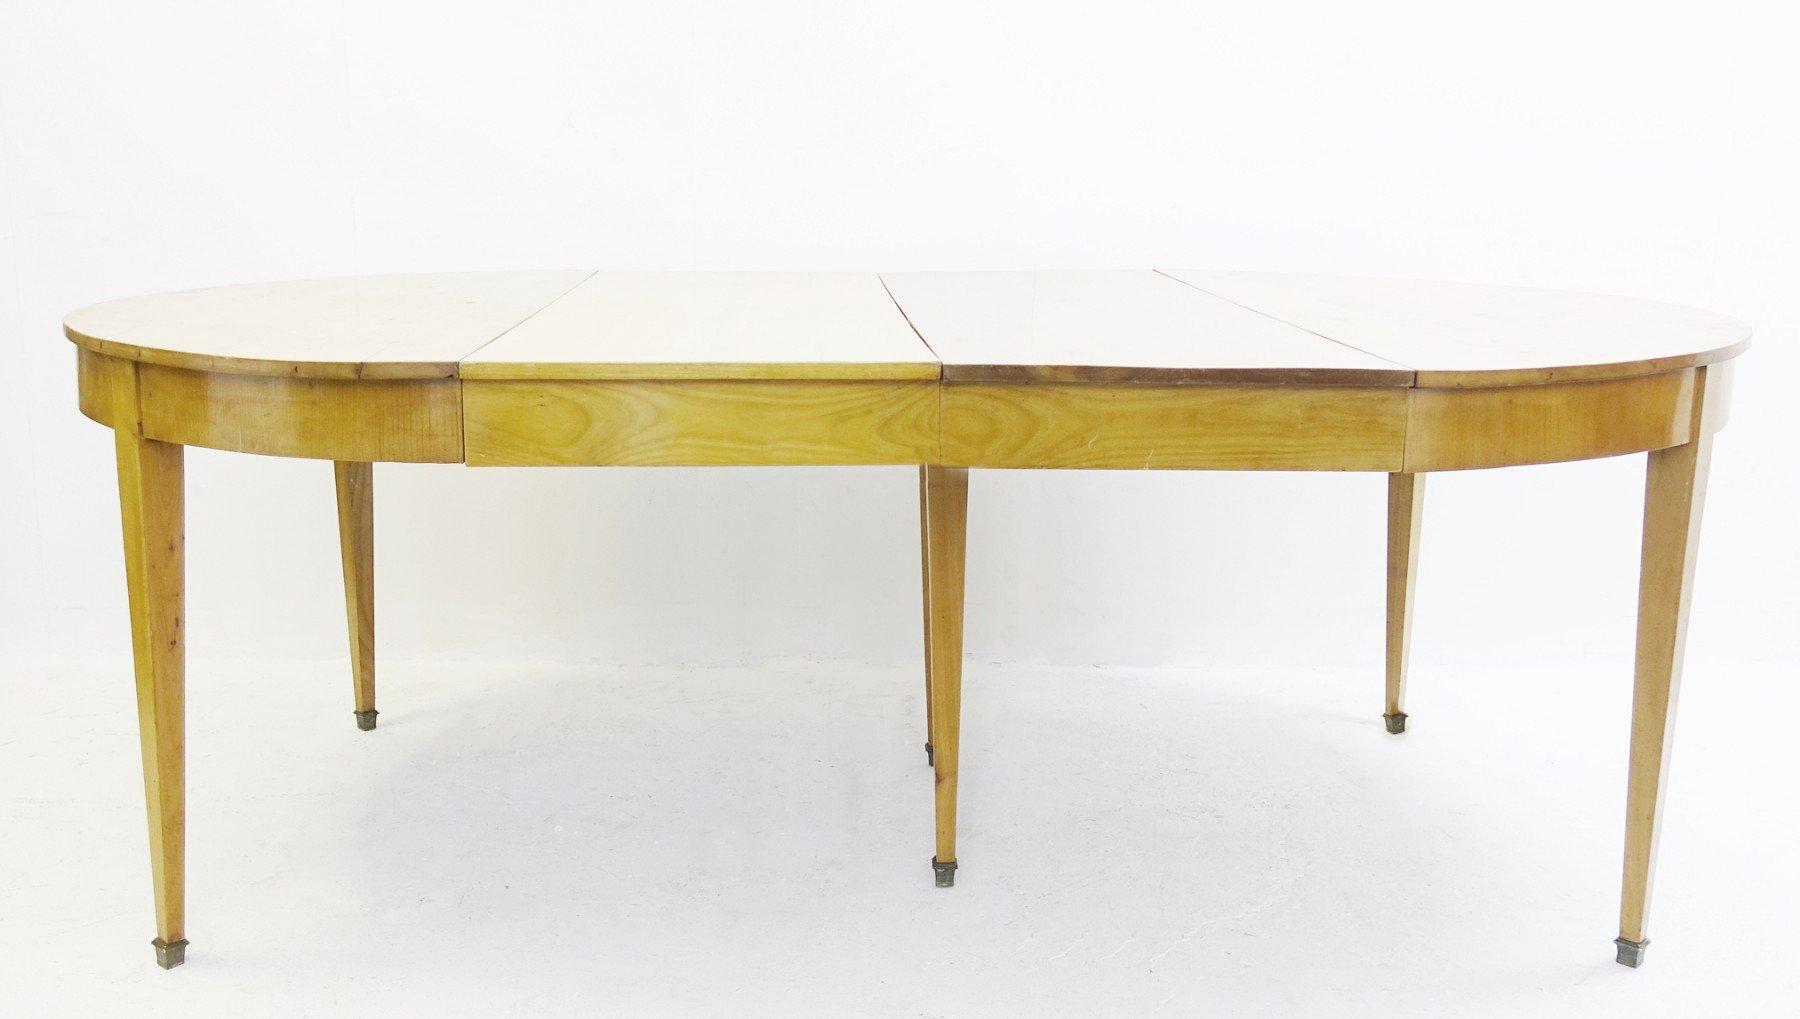 Tavolo Da Pranzo Rotondo Vintage Allungabile In Legno Di Ciliegio Anni 70 In Vendita Su Pamono